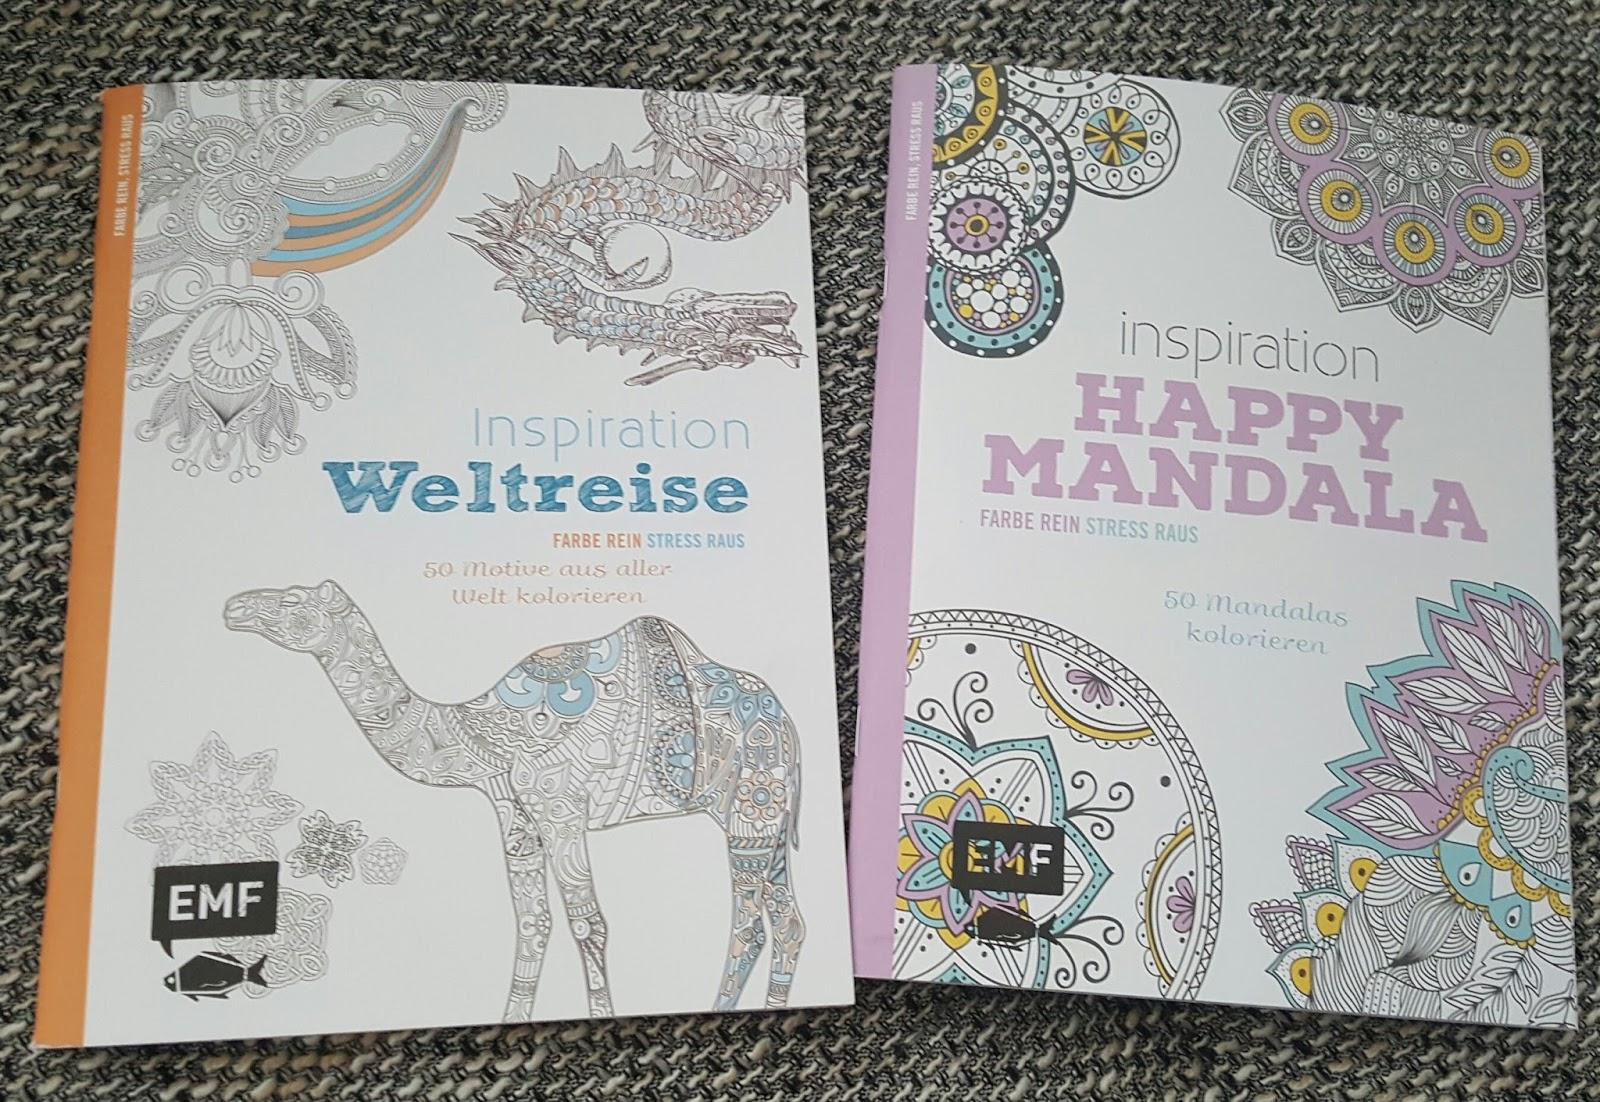 Nett Türkei Malbuch Ideen - Beispiel Wiederaufnahme Vorlagen ...